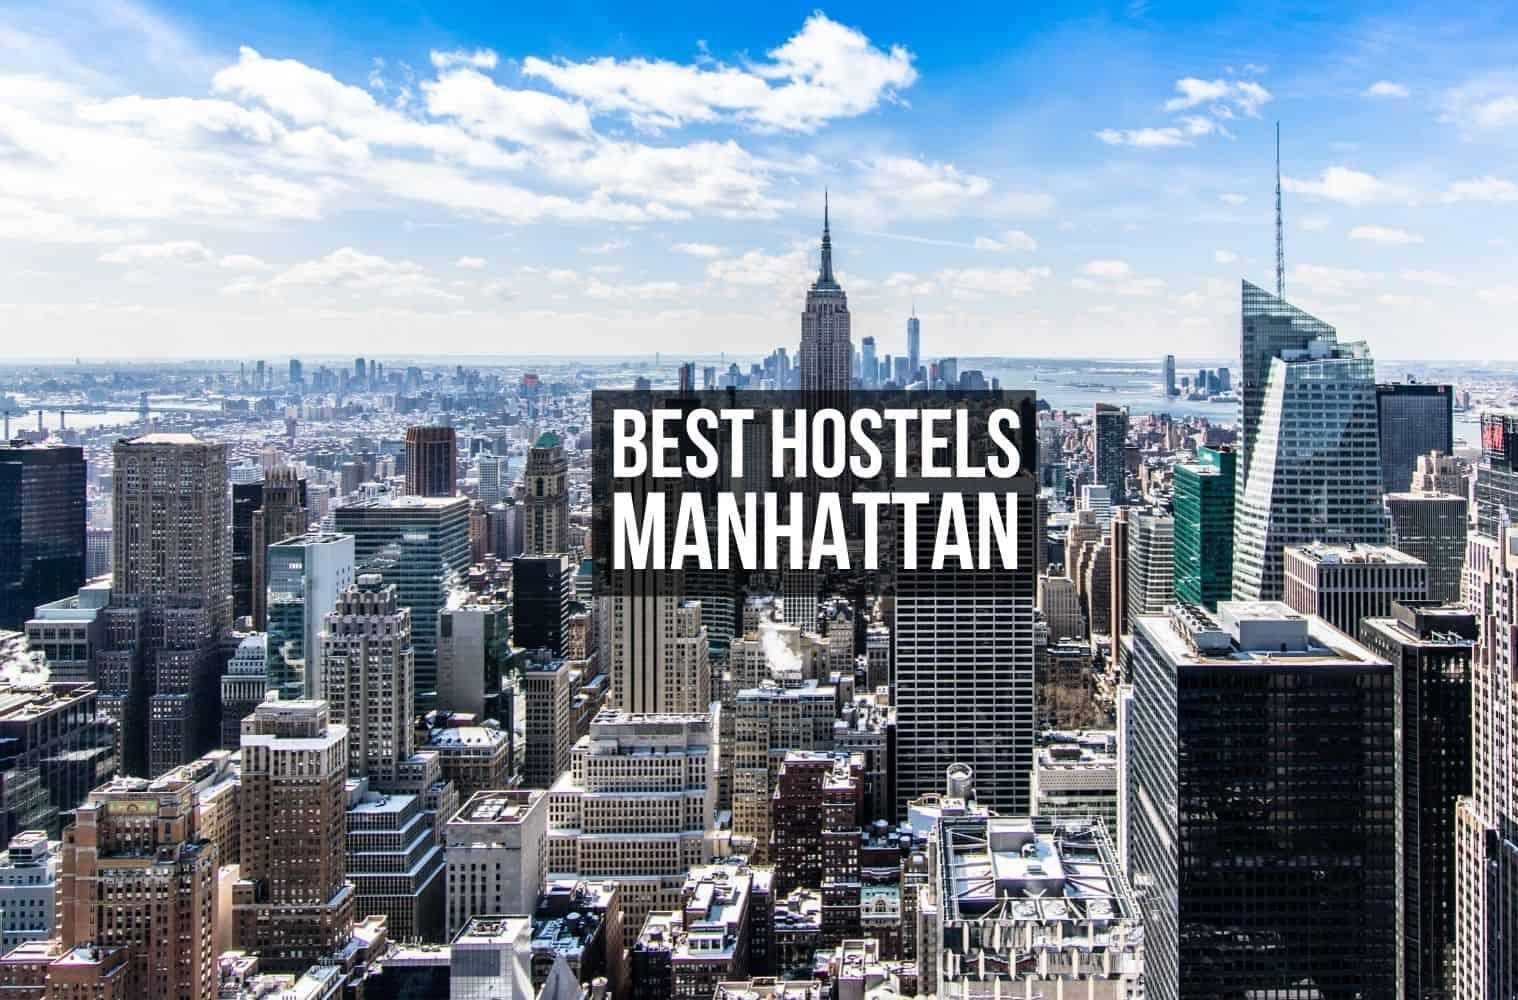 Hostels in Manhattan